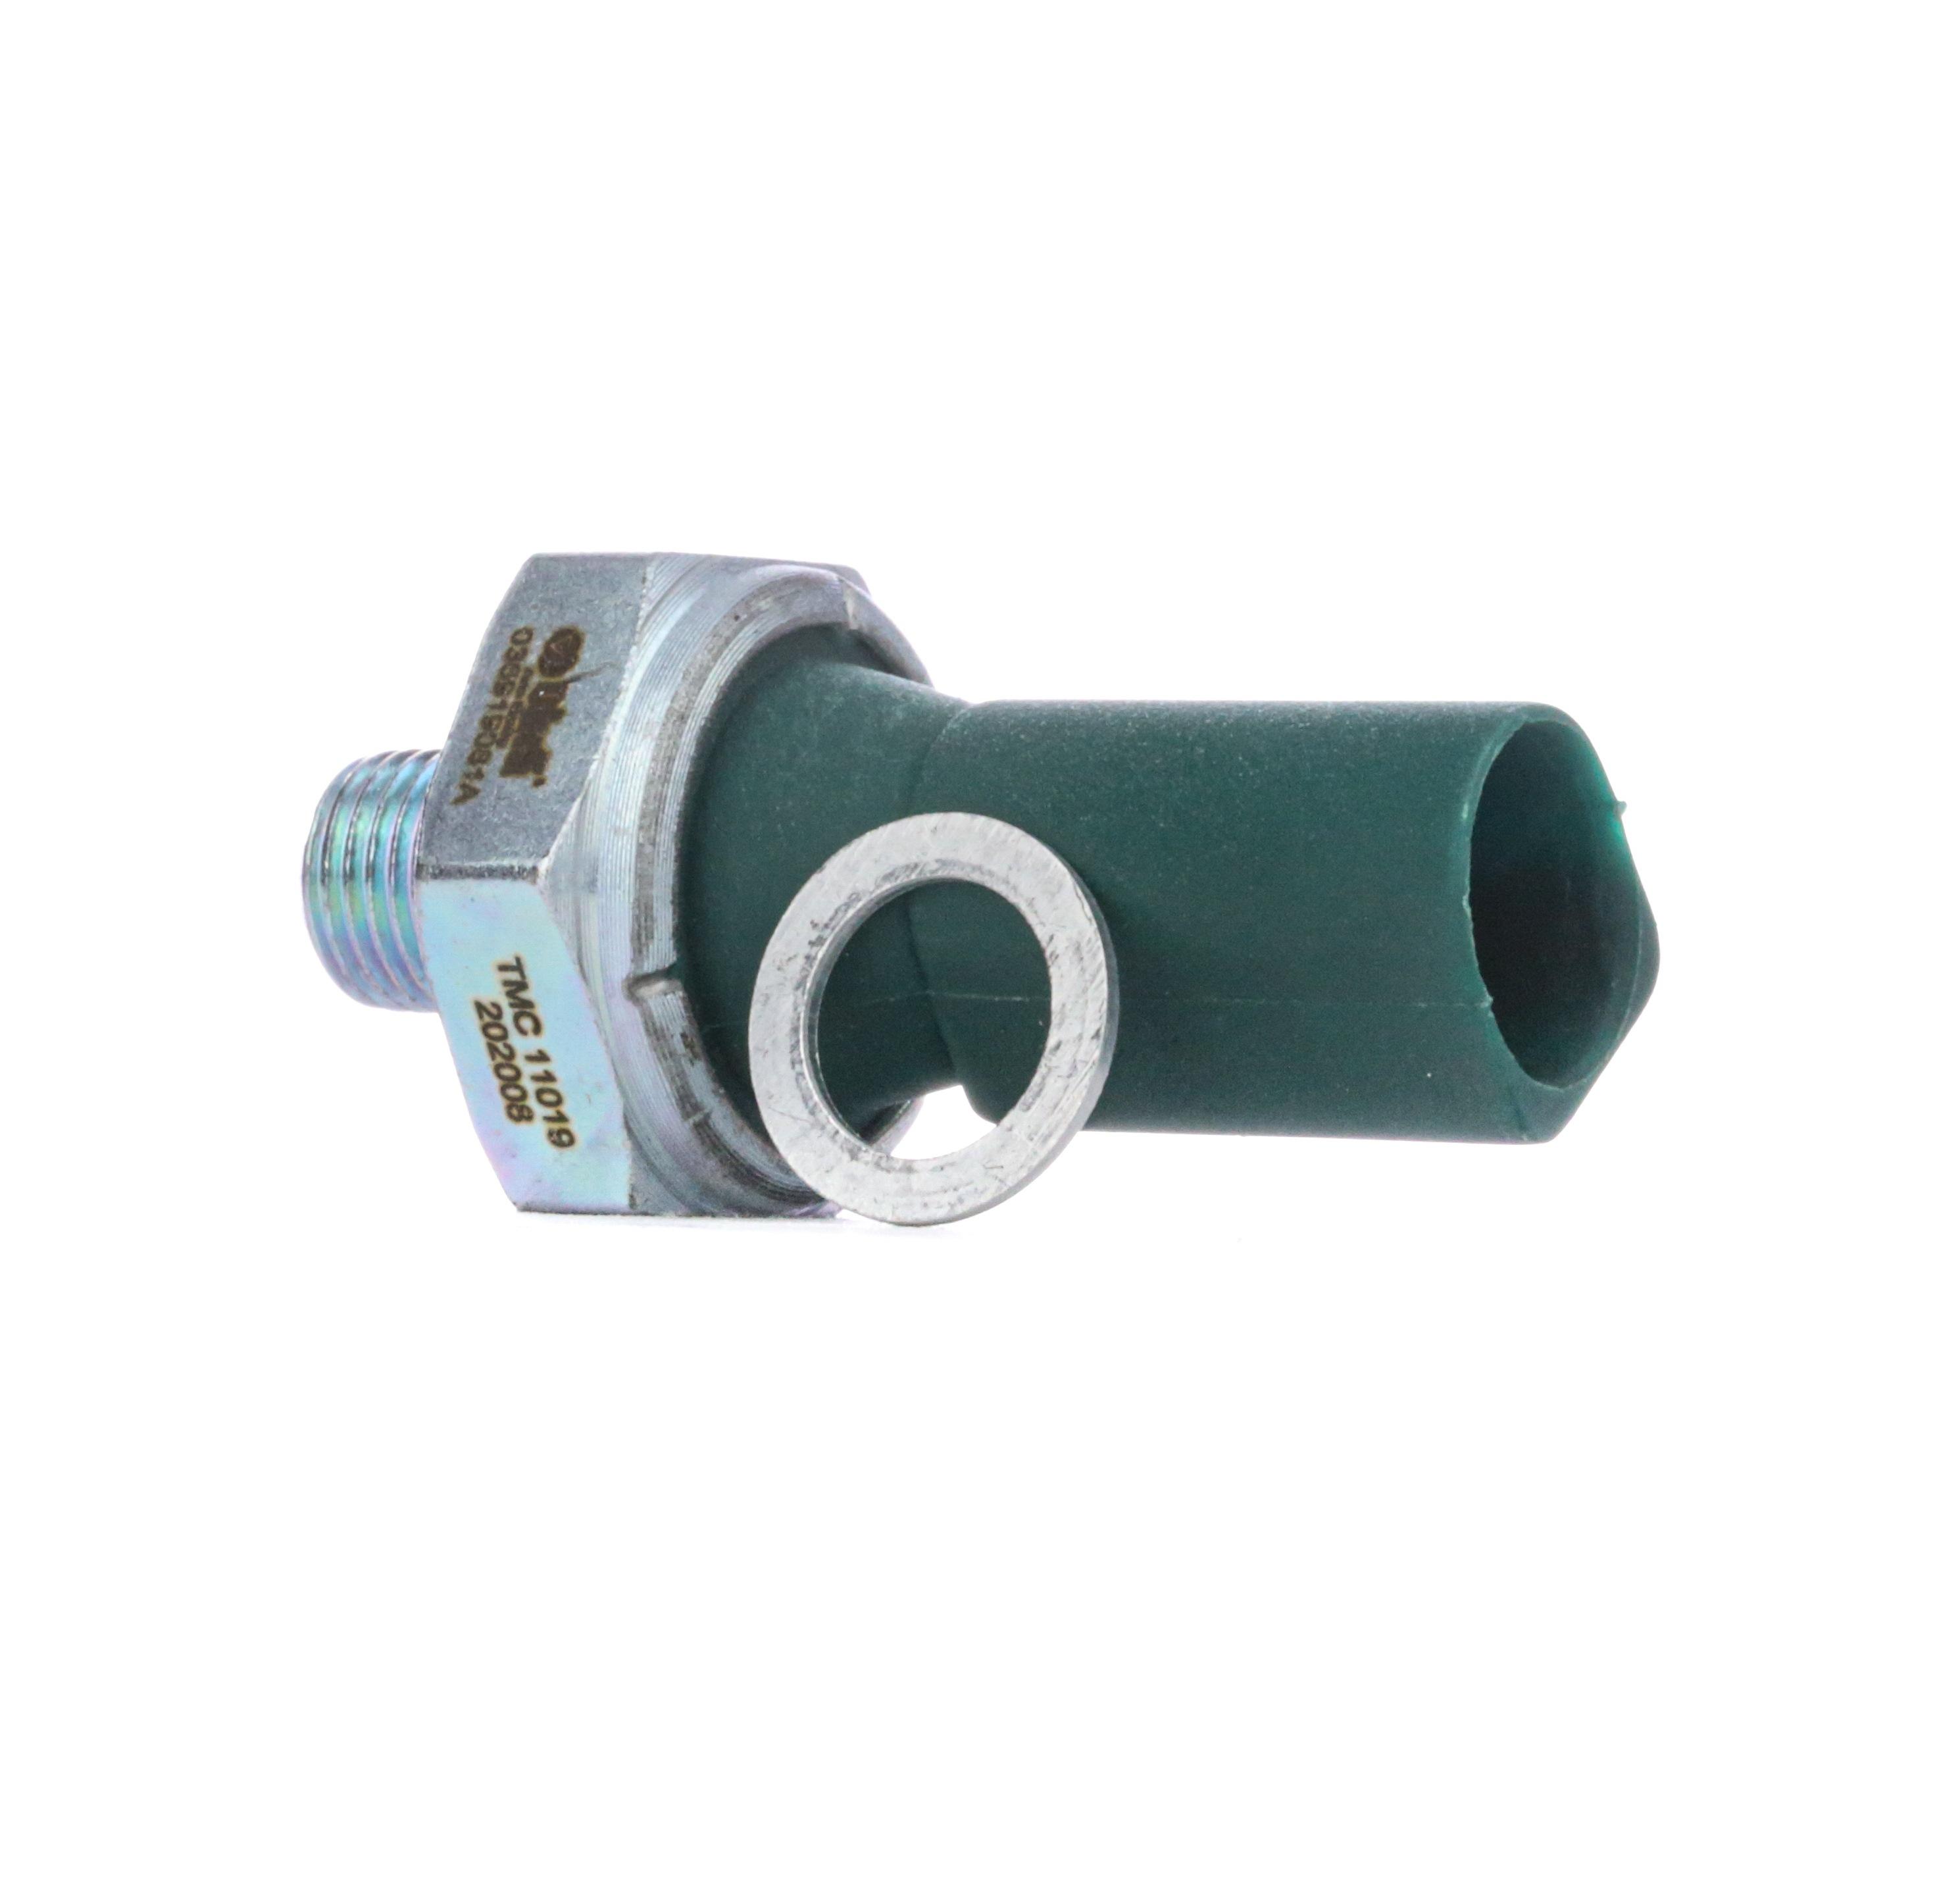 99190071201 VIKA Öldruckschalter - online kaufen